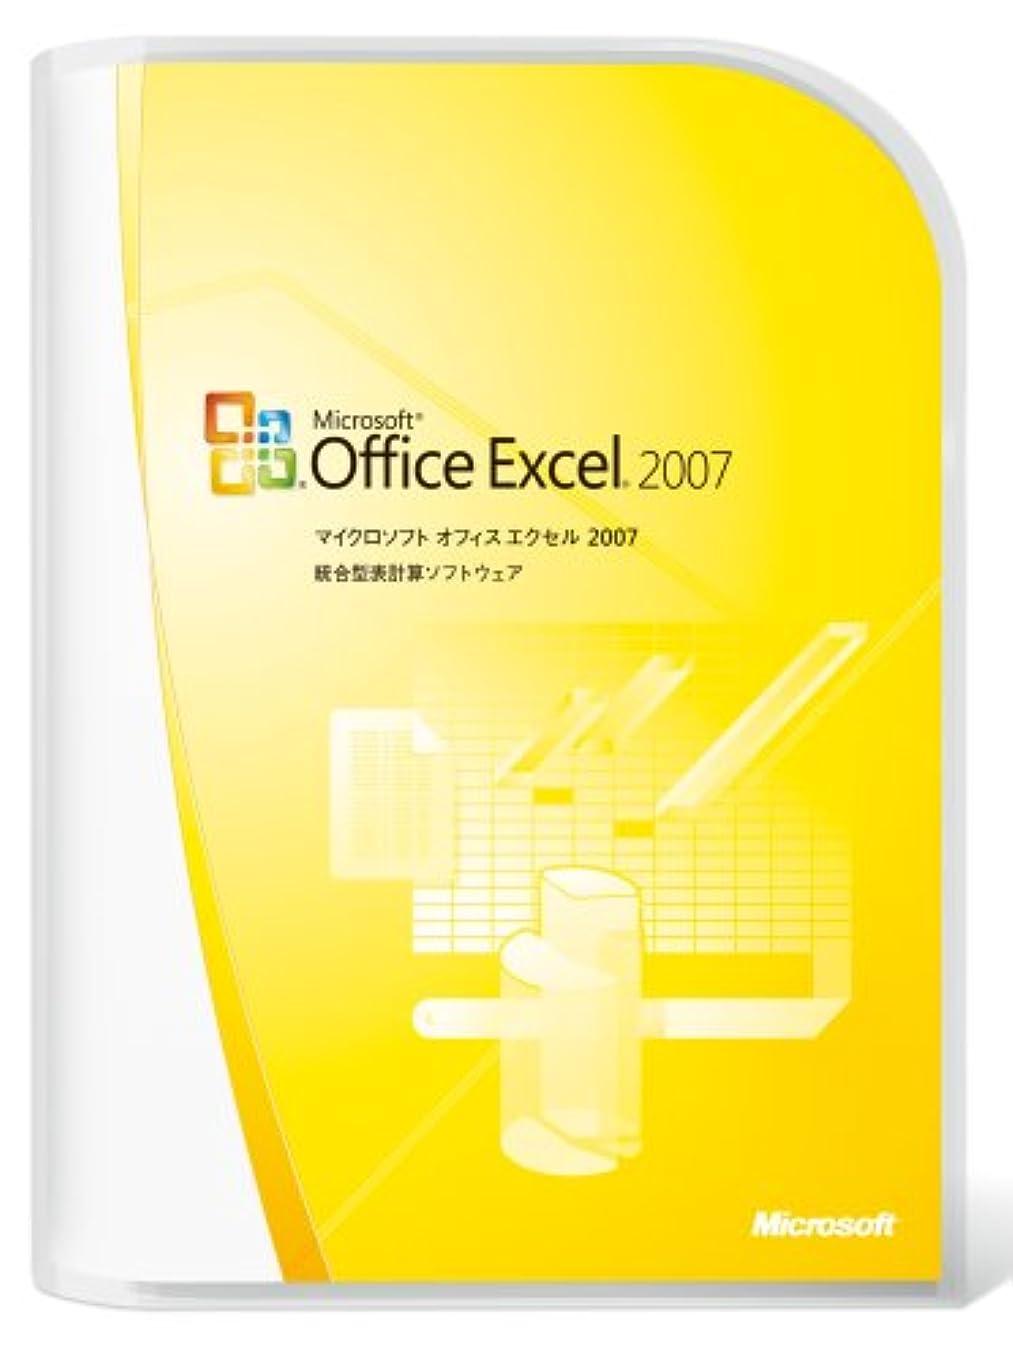 ダニドックフォーマット【旧商品/メーカー出荷終了/サポート終了】Microsoft Office Excel 2007